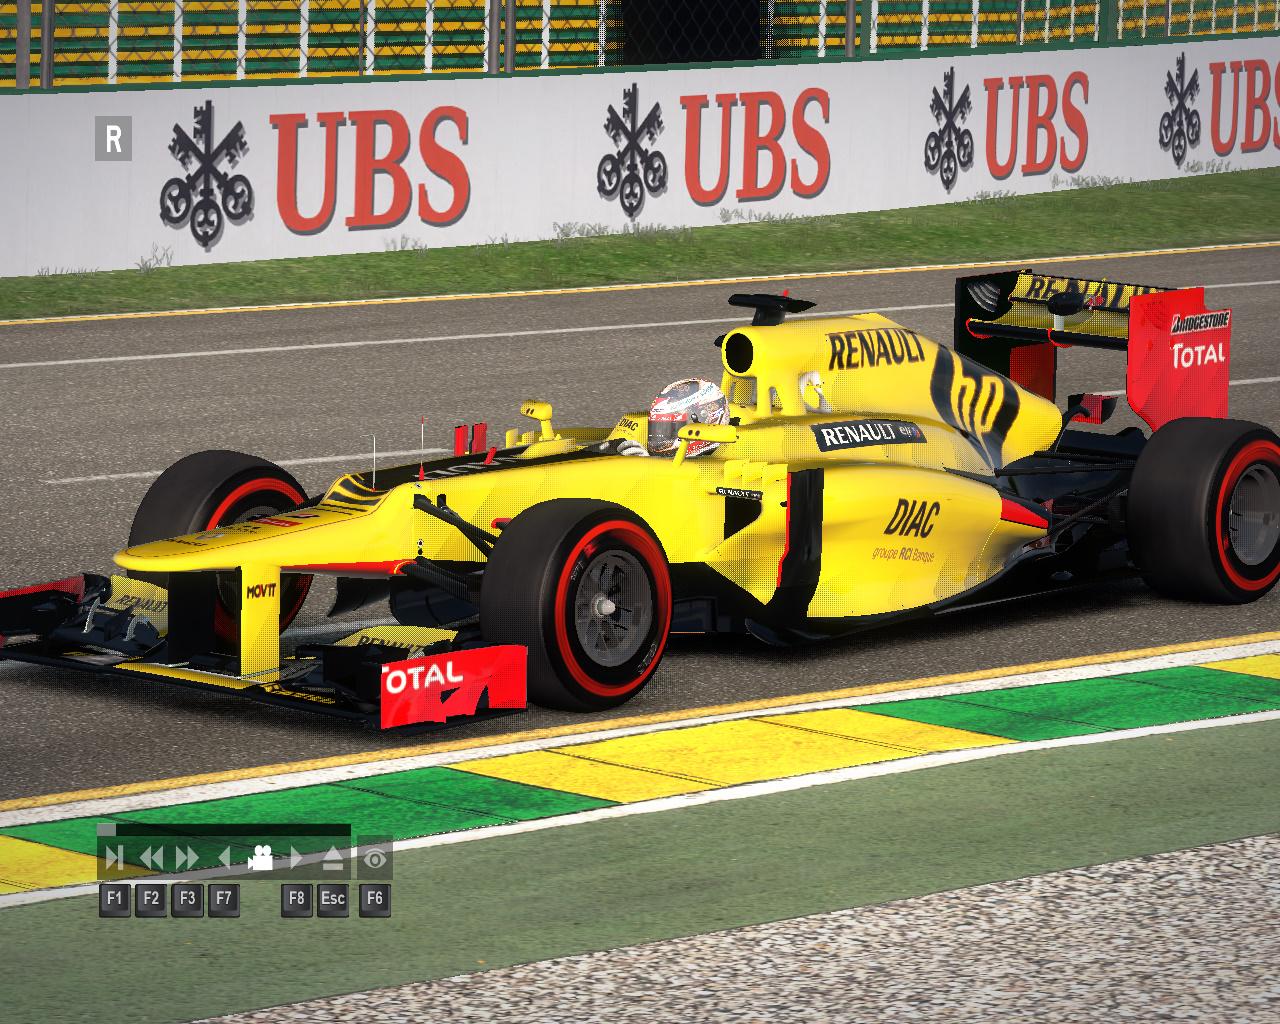 F1_2013 2014-01-09 20-01-40-500.jpg